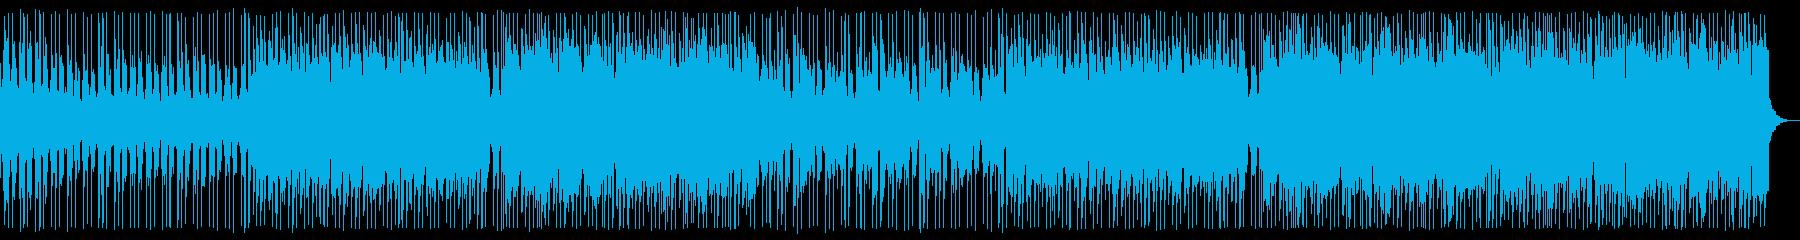 ディープハウス_No668_1の再生済みの波形